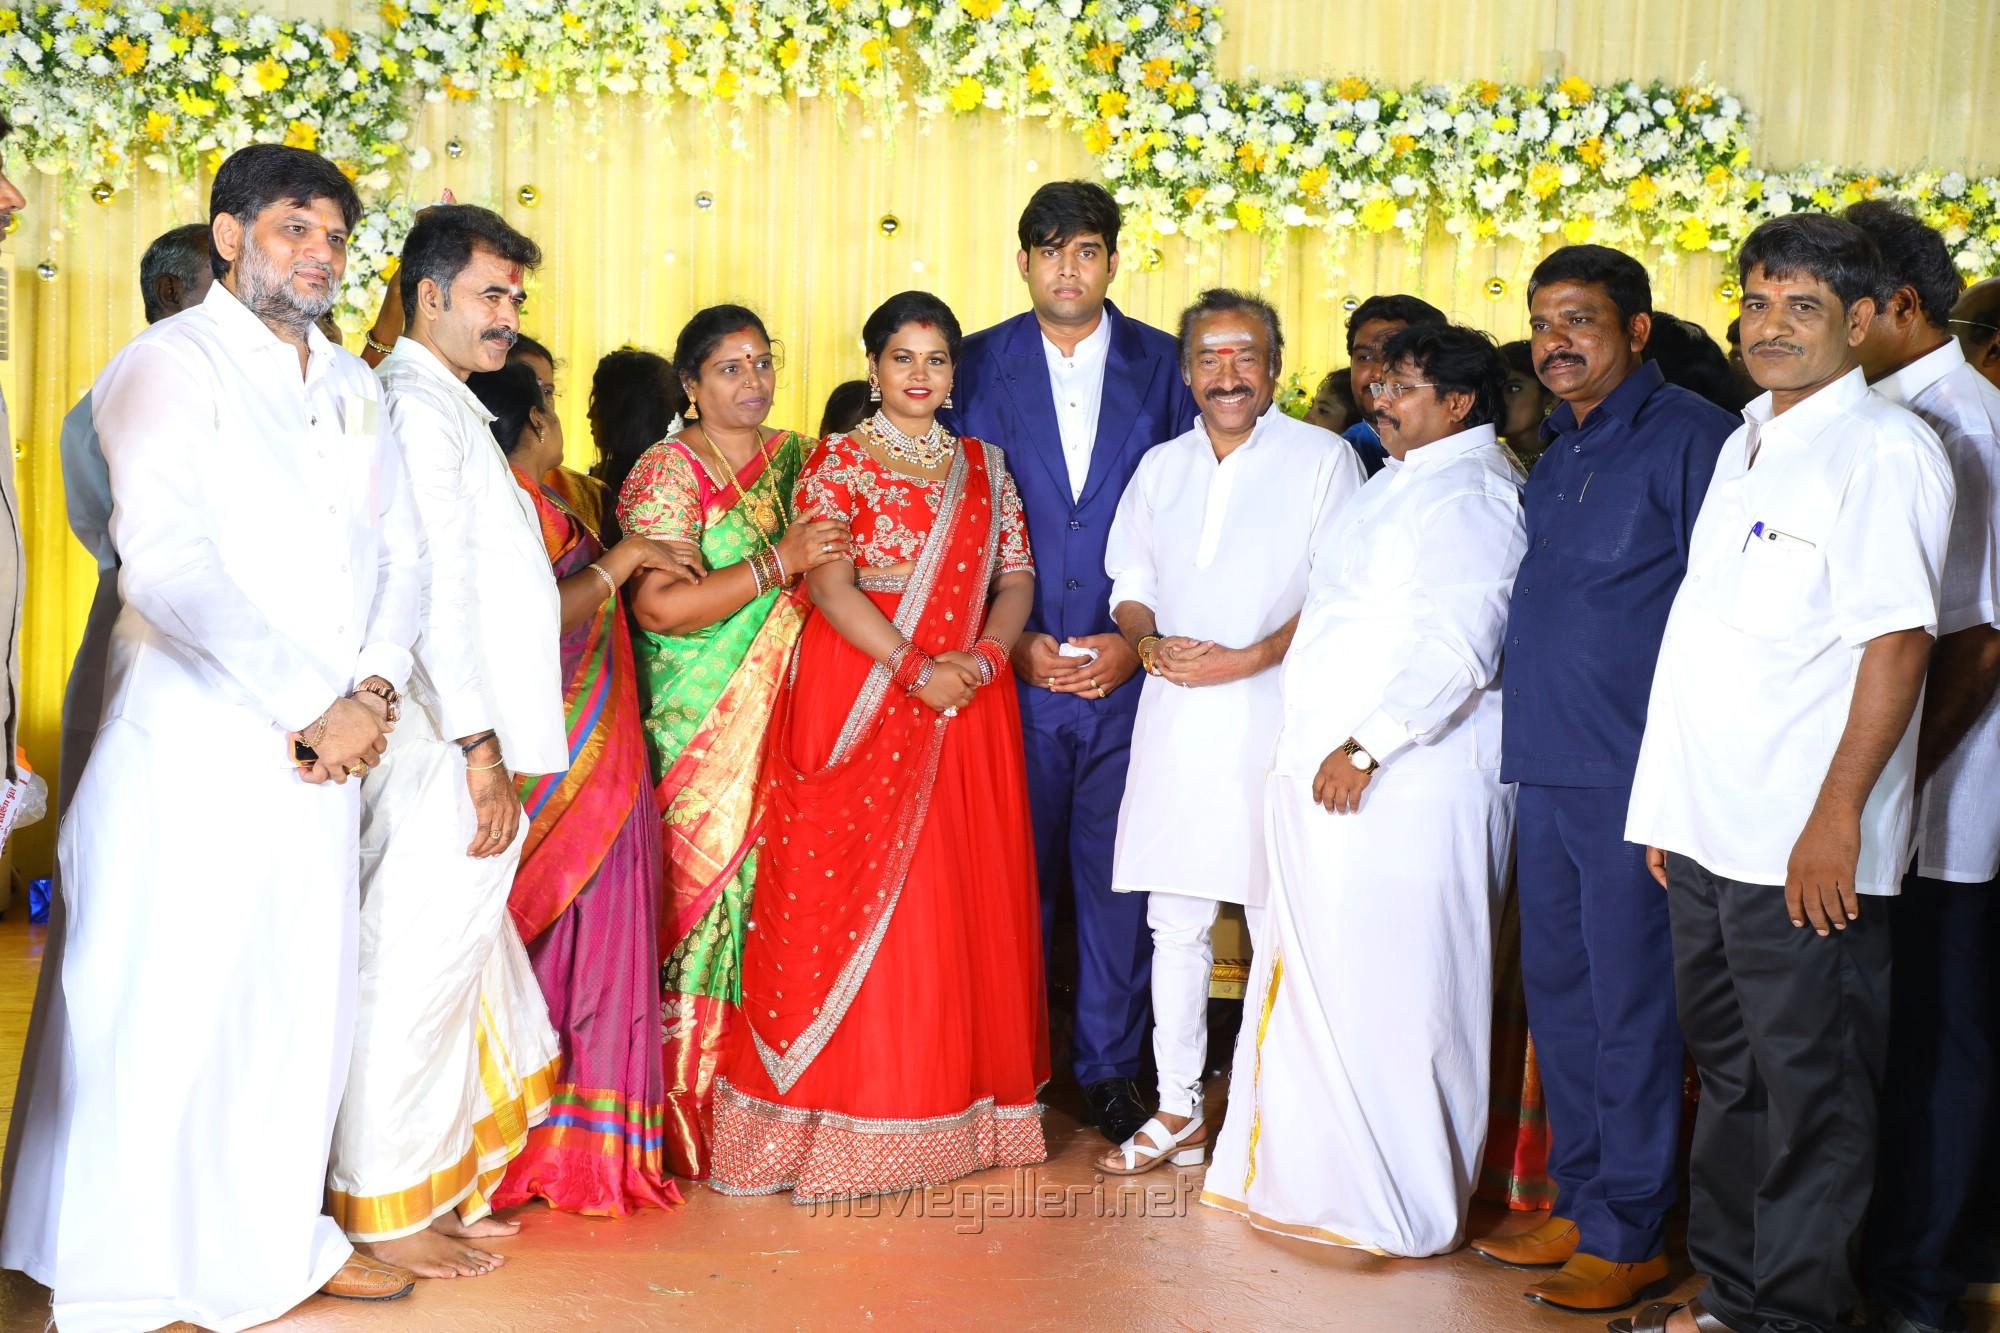 Deva @ Salem RR Briyani Tamilselvan daughter Wedding Reception Stills